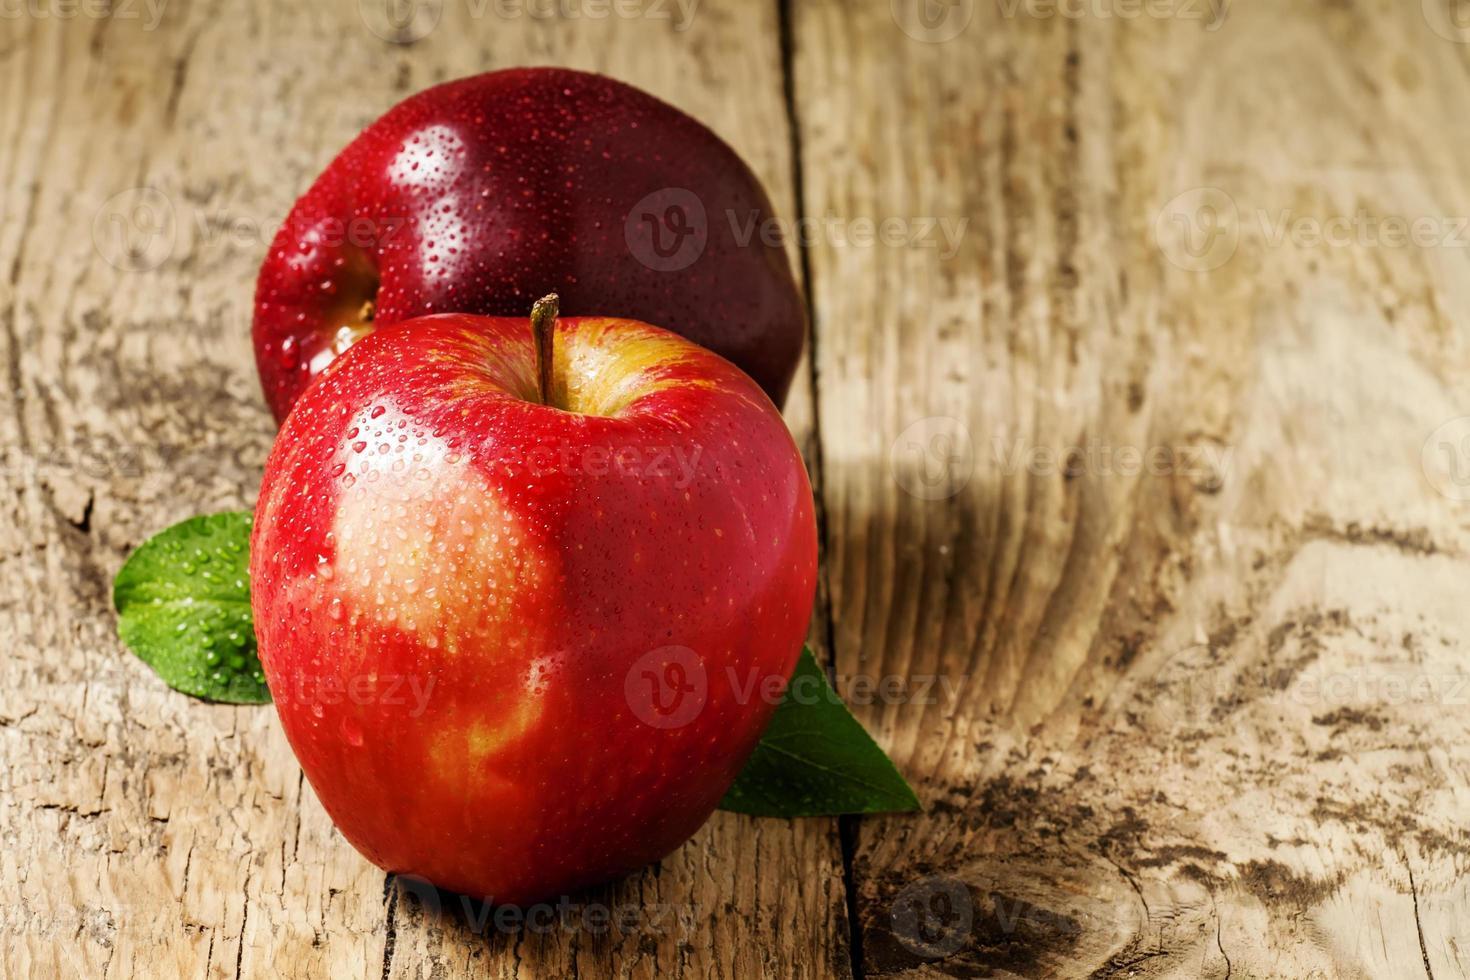 zwei rote Äpfel mit Wassertropfen auf einem Holztisch foto